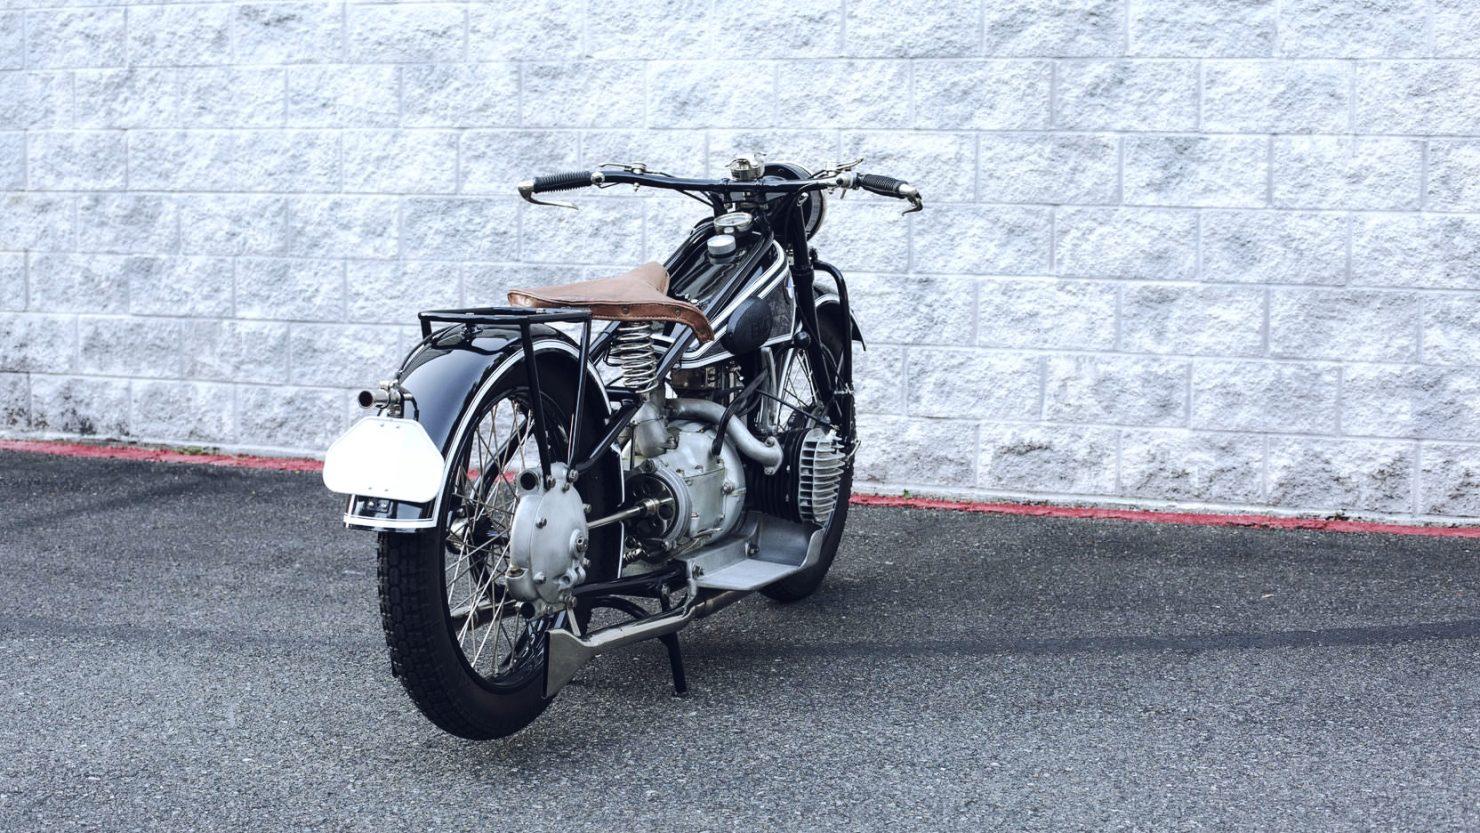 BMW R62 11 1480x833 - 1929 BMW R62